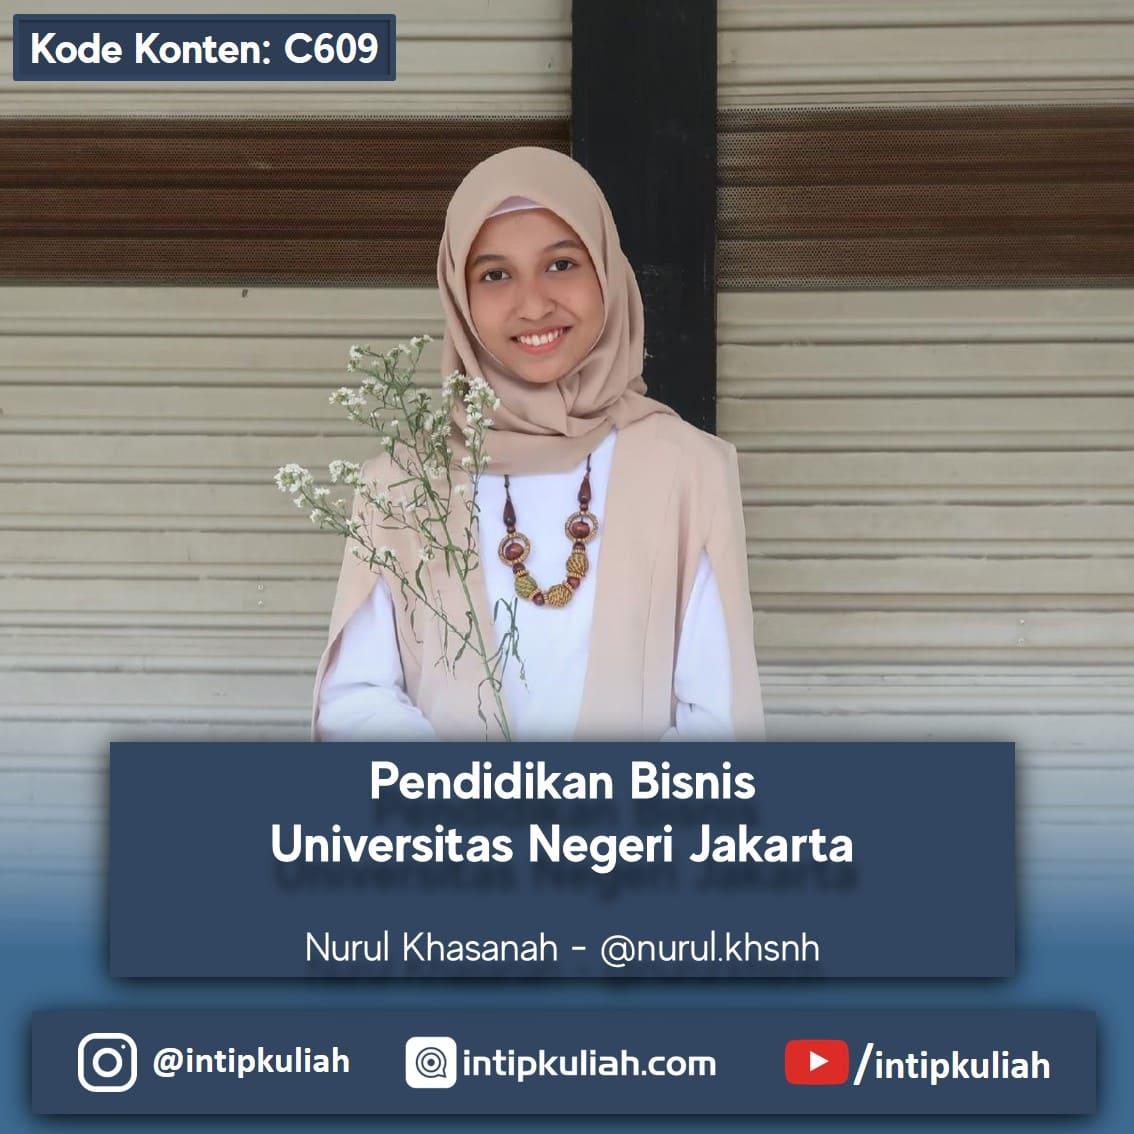 Pendidikan Bisnis Universitas Negeri Jakarta (Nurul)